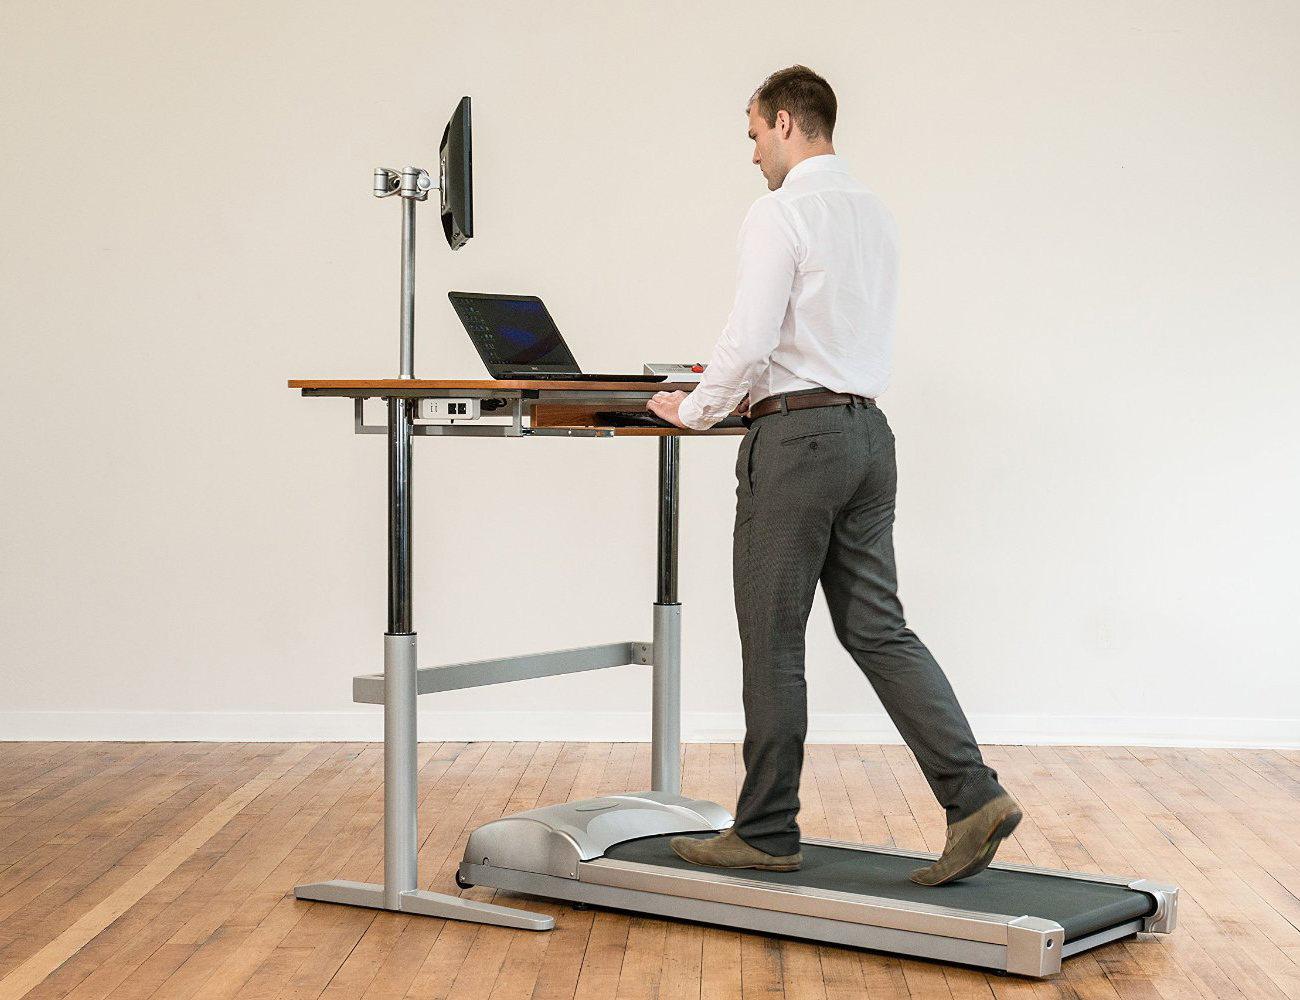 Rebel+Treadmill+And+Desk+Combination